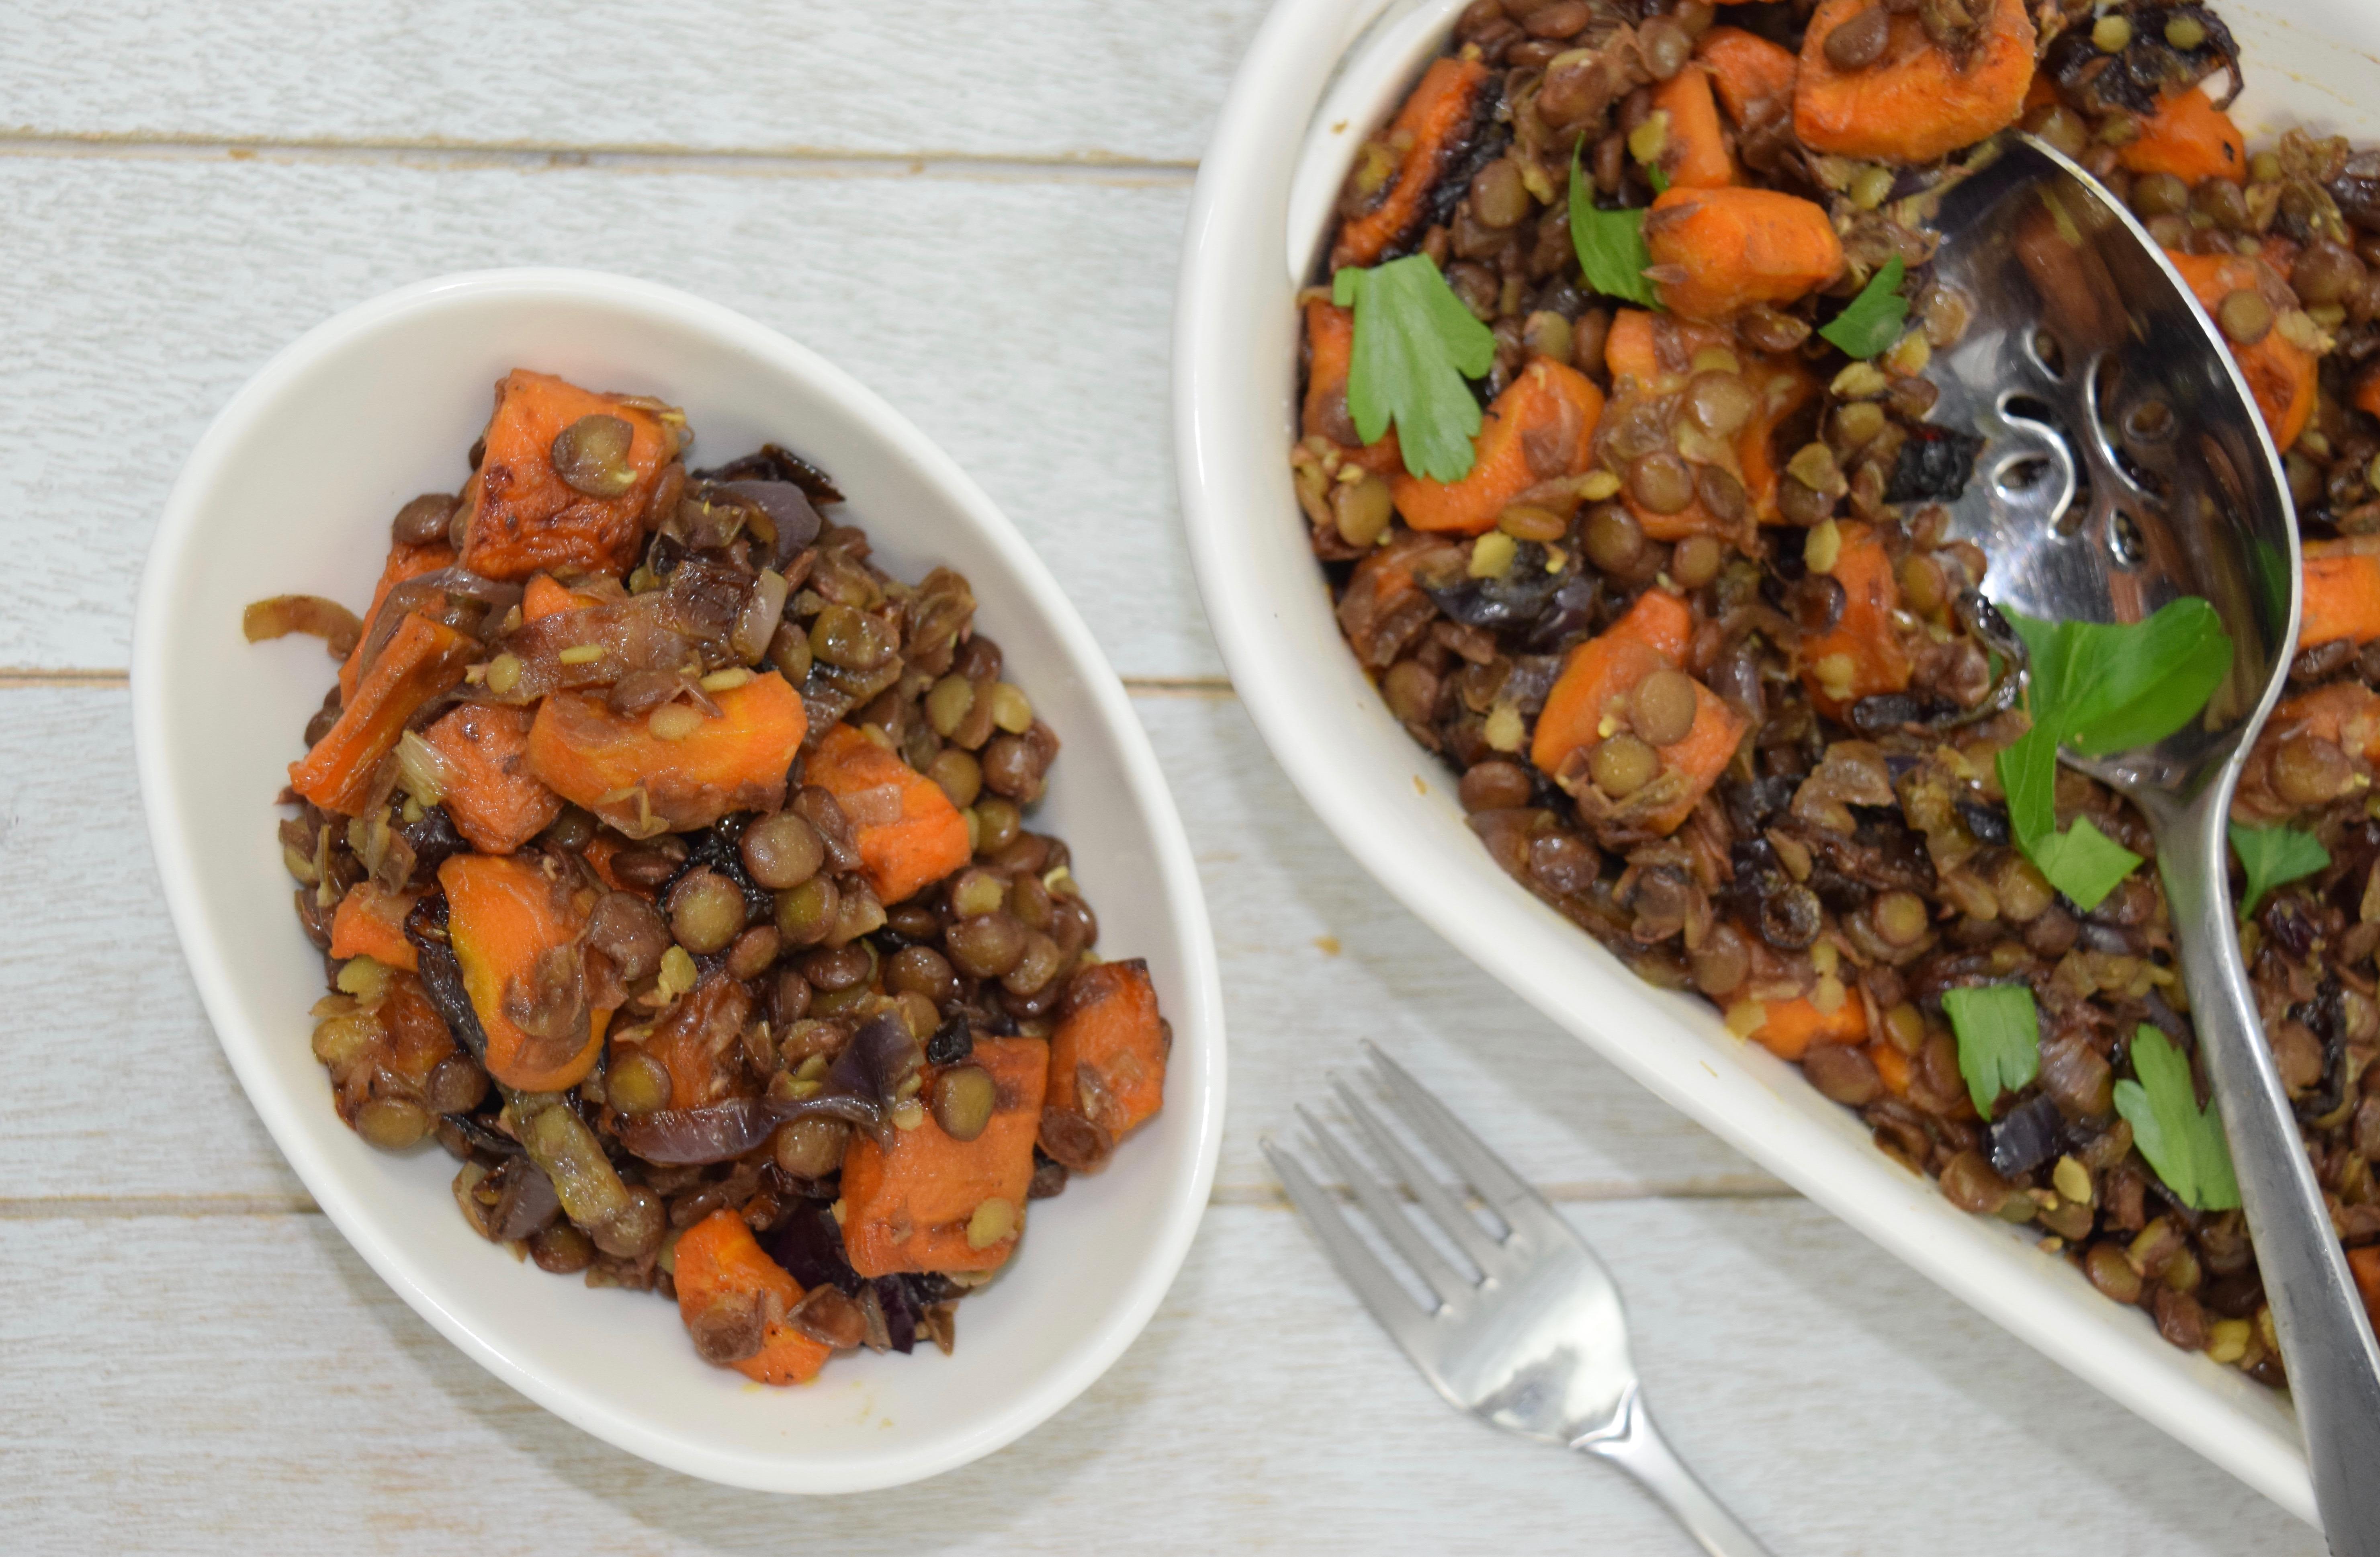 Warm Caramelized Carrot Lentil Salad